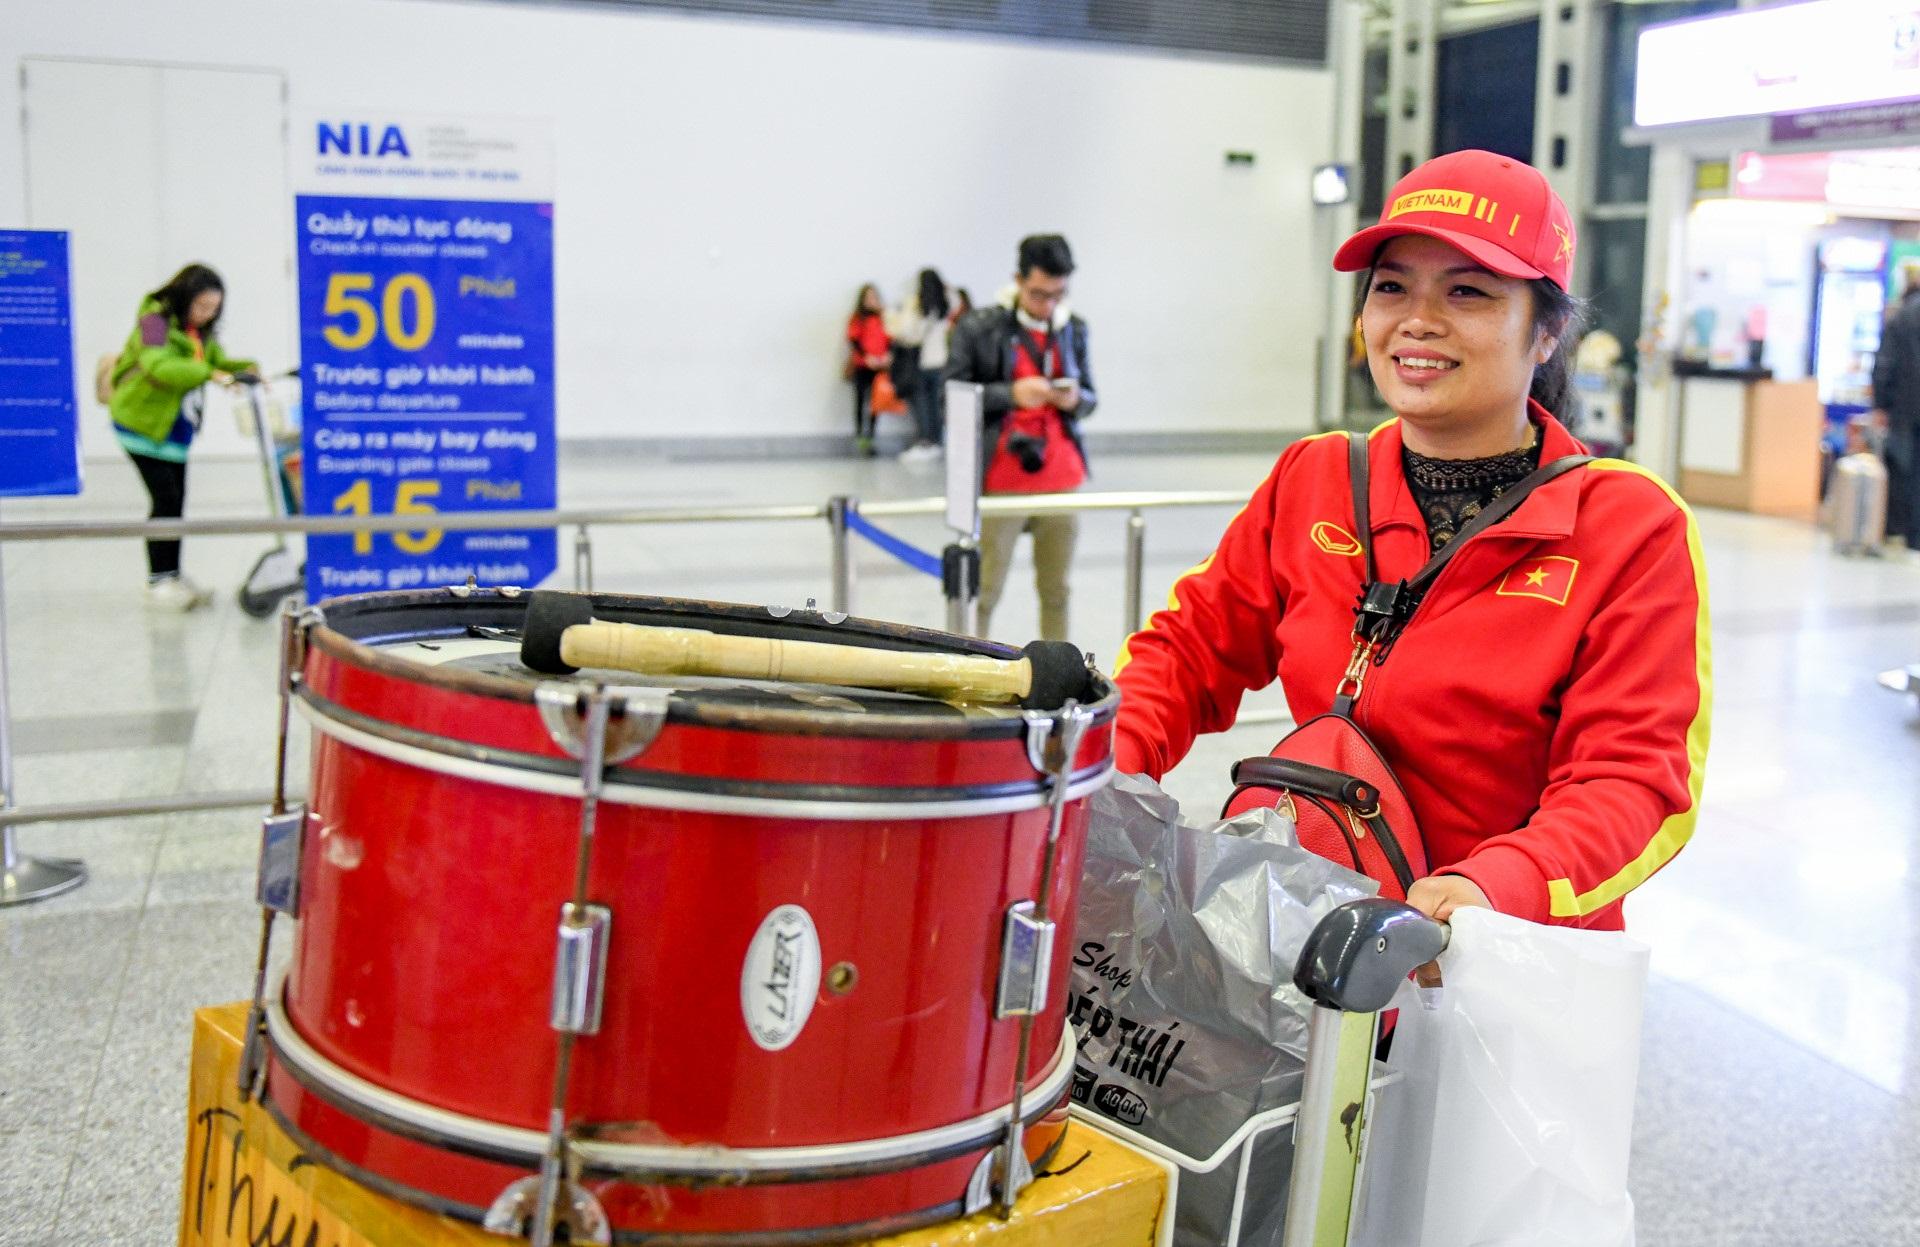 Loạt sao Việt diện áo đỏ sao vàng hứng khởi lên đường cổ vũ đội tuyển Việt Nam - Ảnh 7